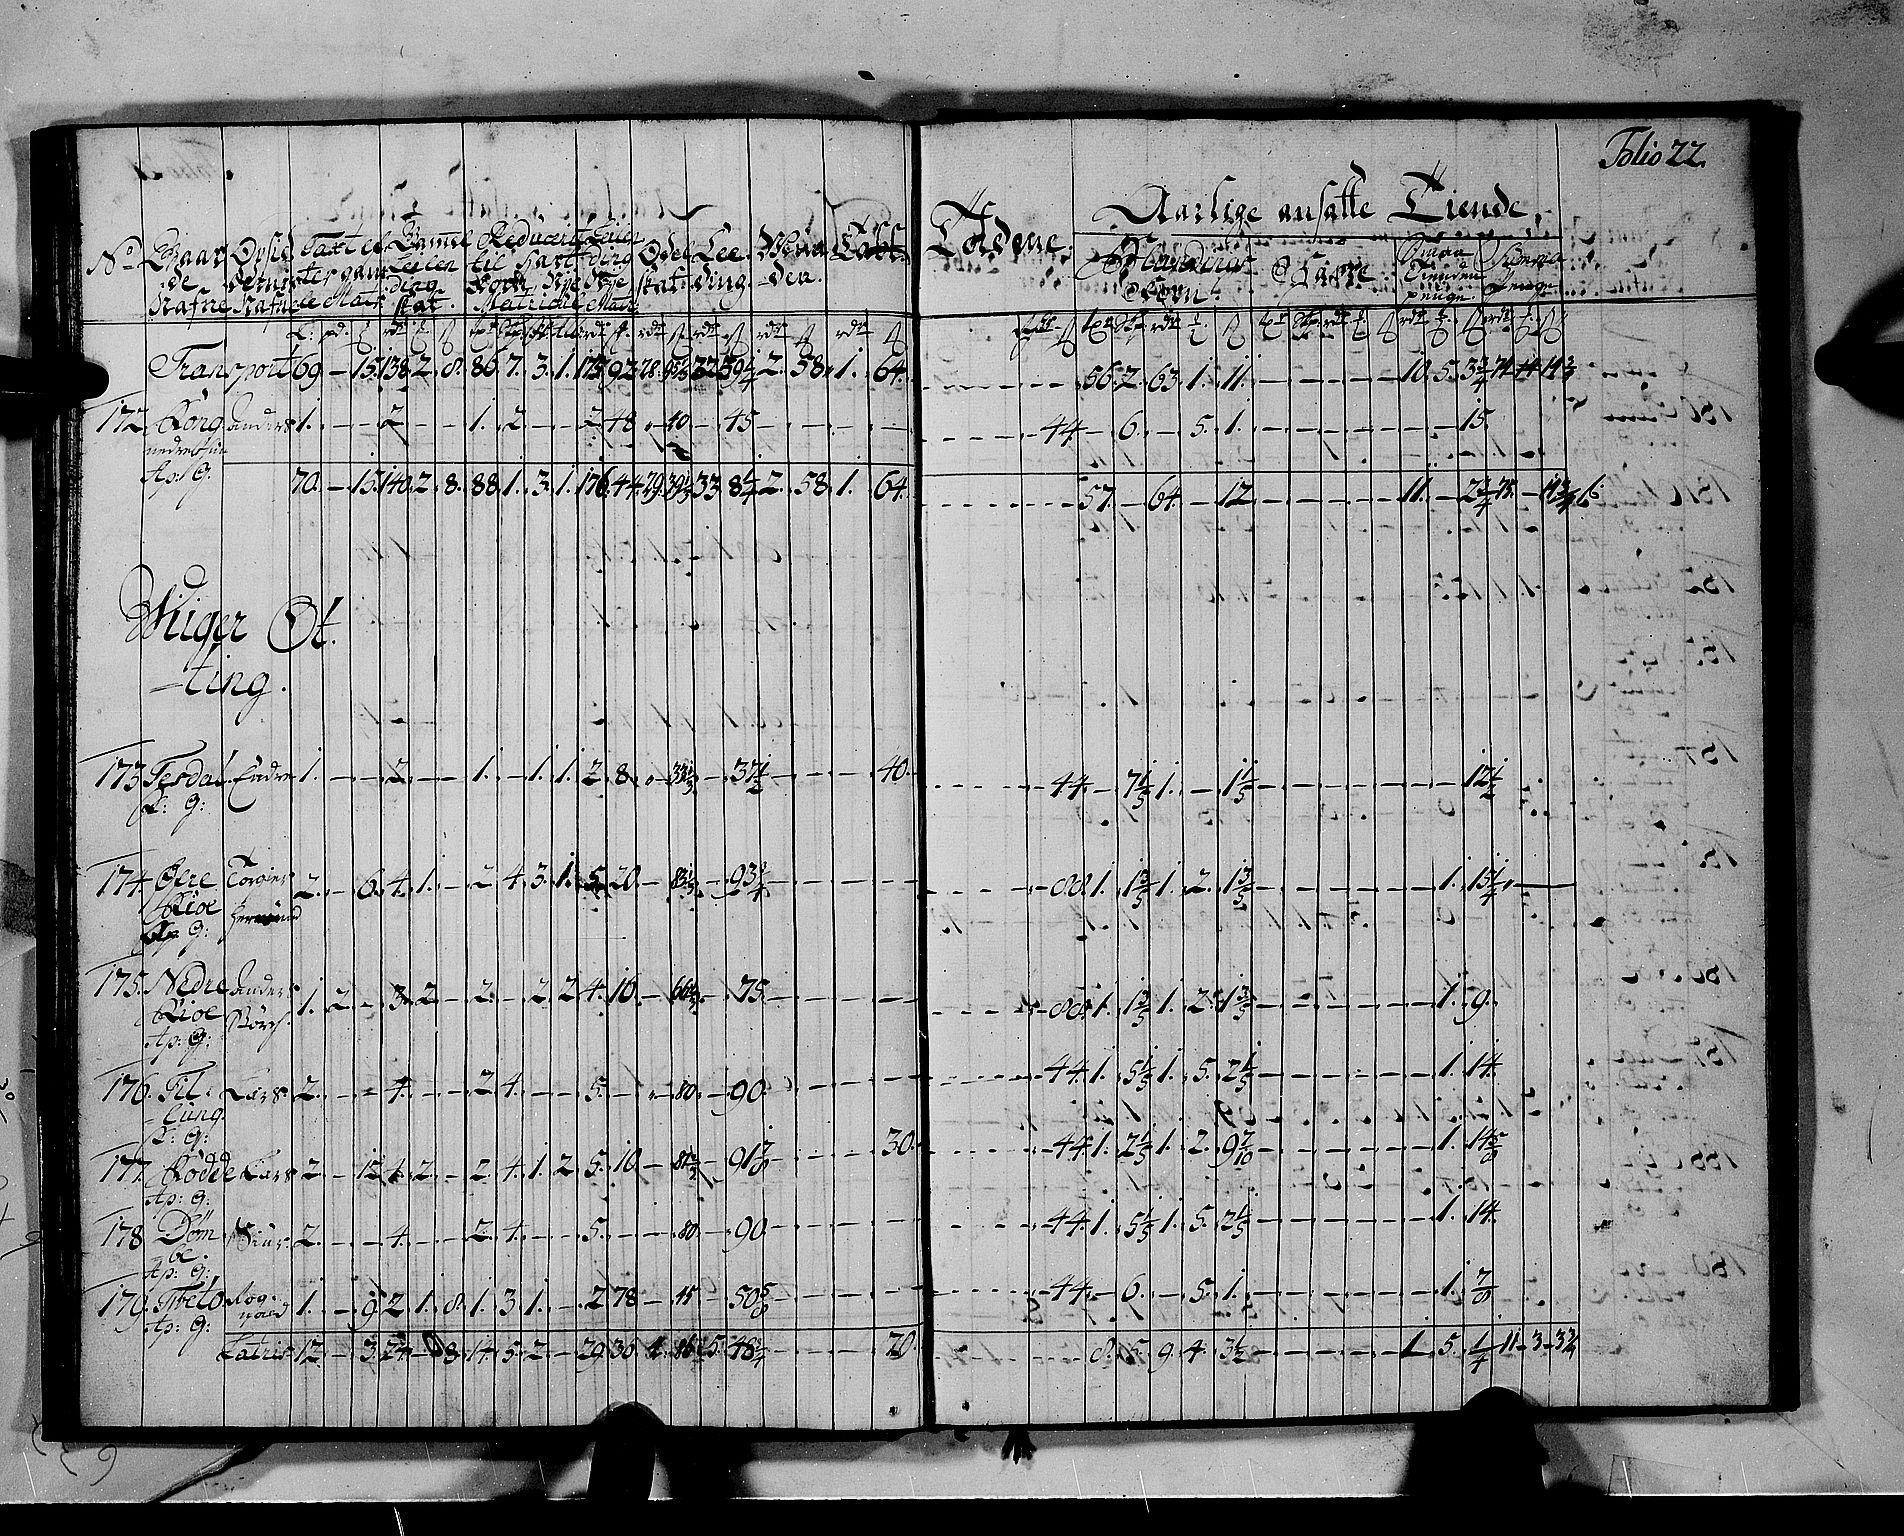 RA, Rentekammeret inntil 1814, Realistisk ordnet avdeling, N/Nb/Nbf/L0142: Voss matrikkelprotokoll, 1723, s. 21b-22a